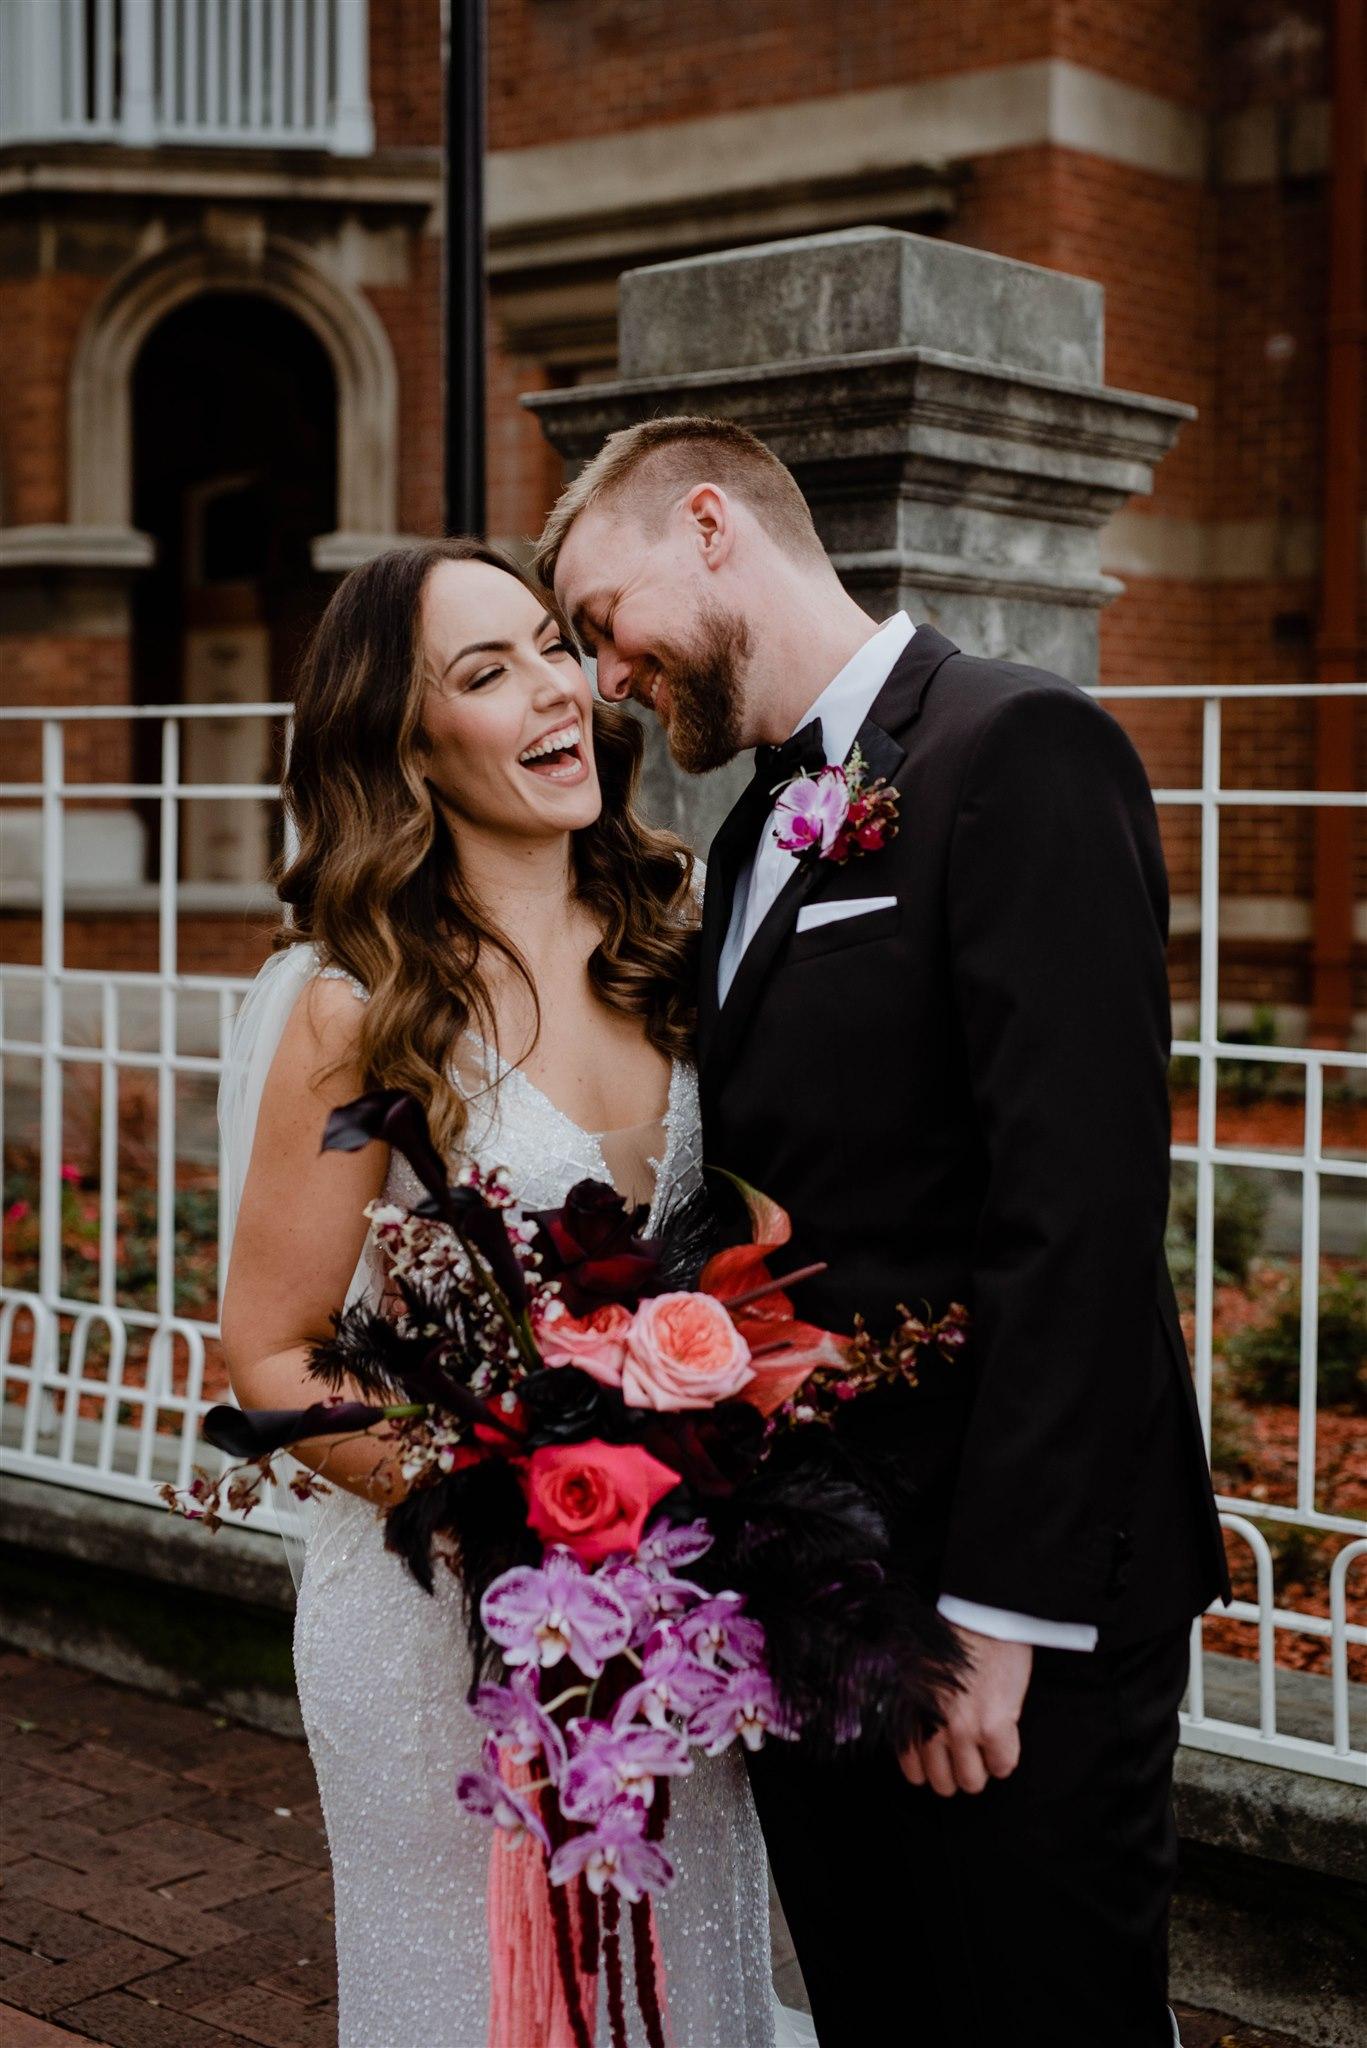 REAL WEDDING: SHANNON + LIAM   RICH HUES WESTIN HOTEL WEDDING PERTH WA